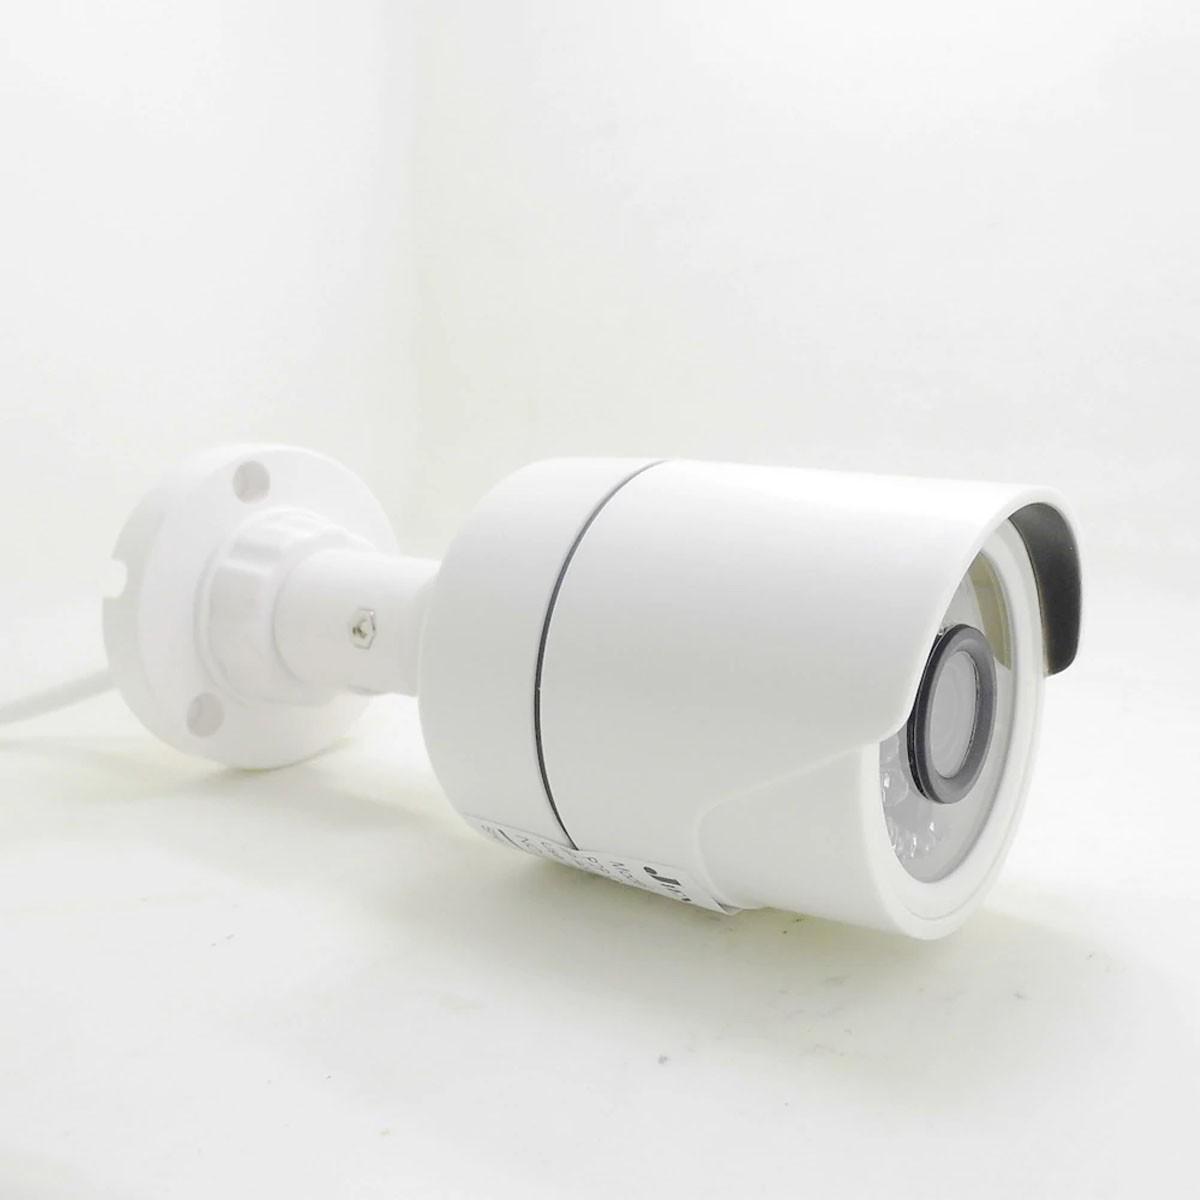 Kit 4 Cameras De Segurança Infra Ahd 1.3mp Com Cabo E Fonte